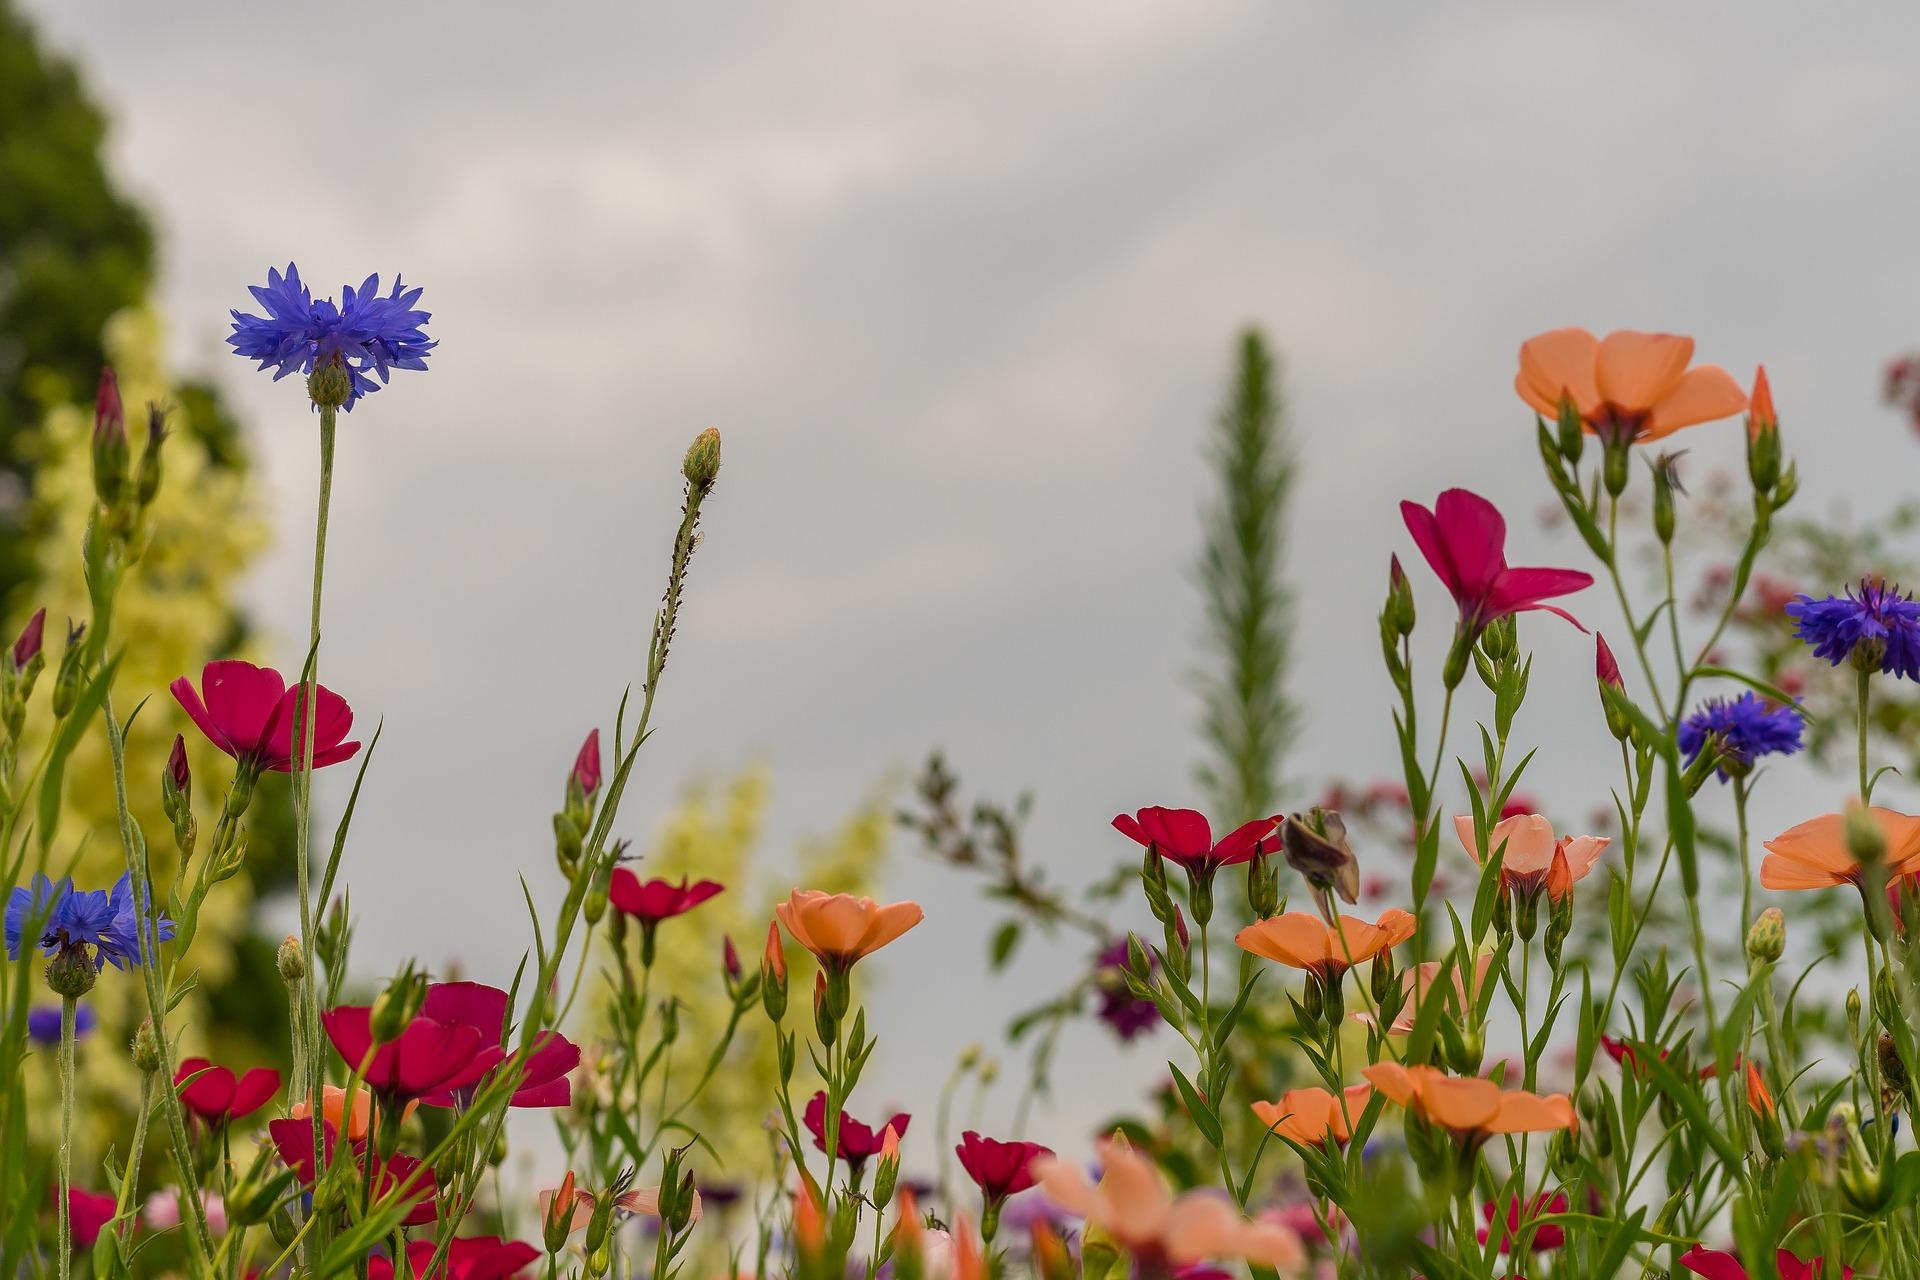 Artenreiche Bienenweide statt grüne Wüsten und Steingärten – lasst uns blühende Tankstellen schaffen